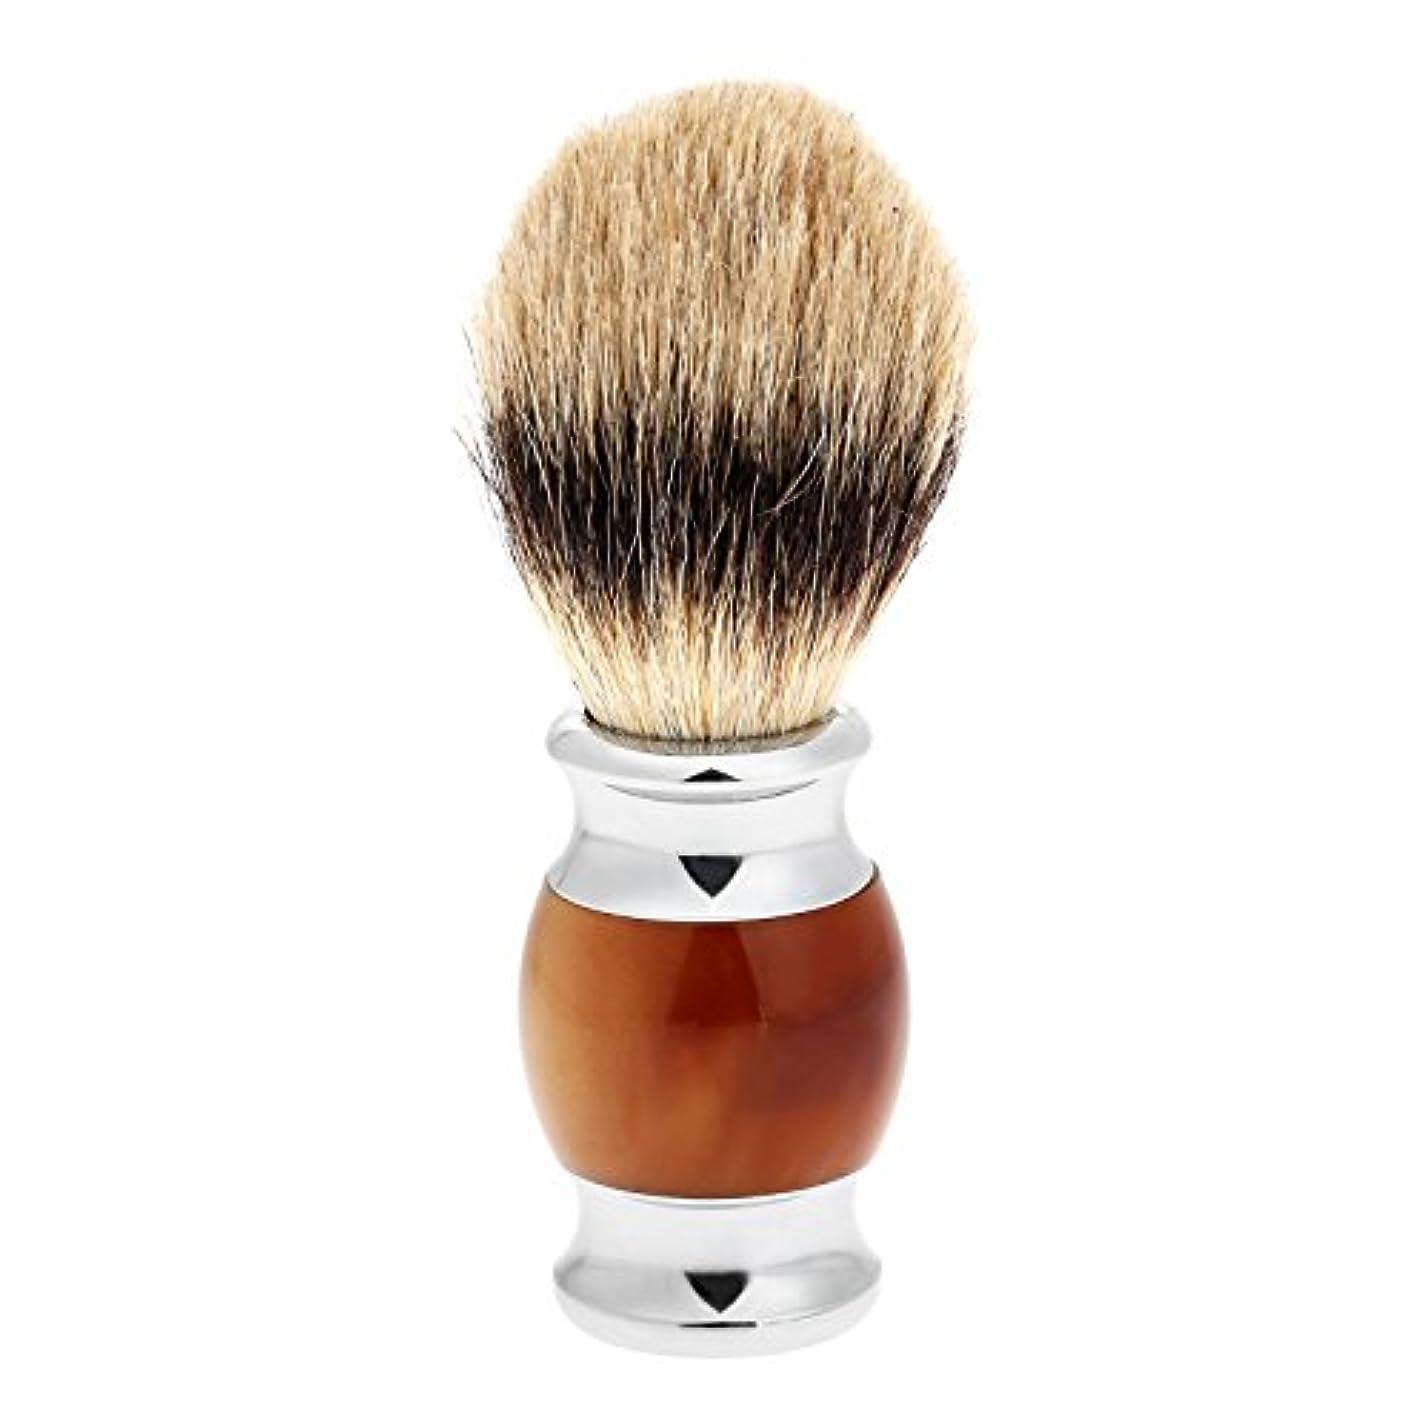 シリングアラブ人退院1PC メンズ ひげブラシ アナグマ毛 シェービングブラシ バーバー シェービング用ブラシ 理容 洗顔 髭剃り